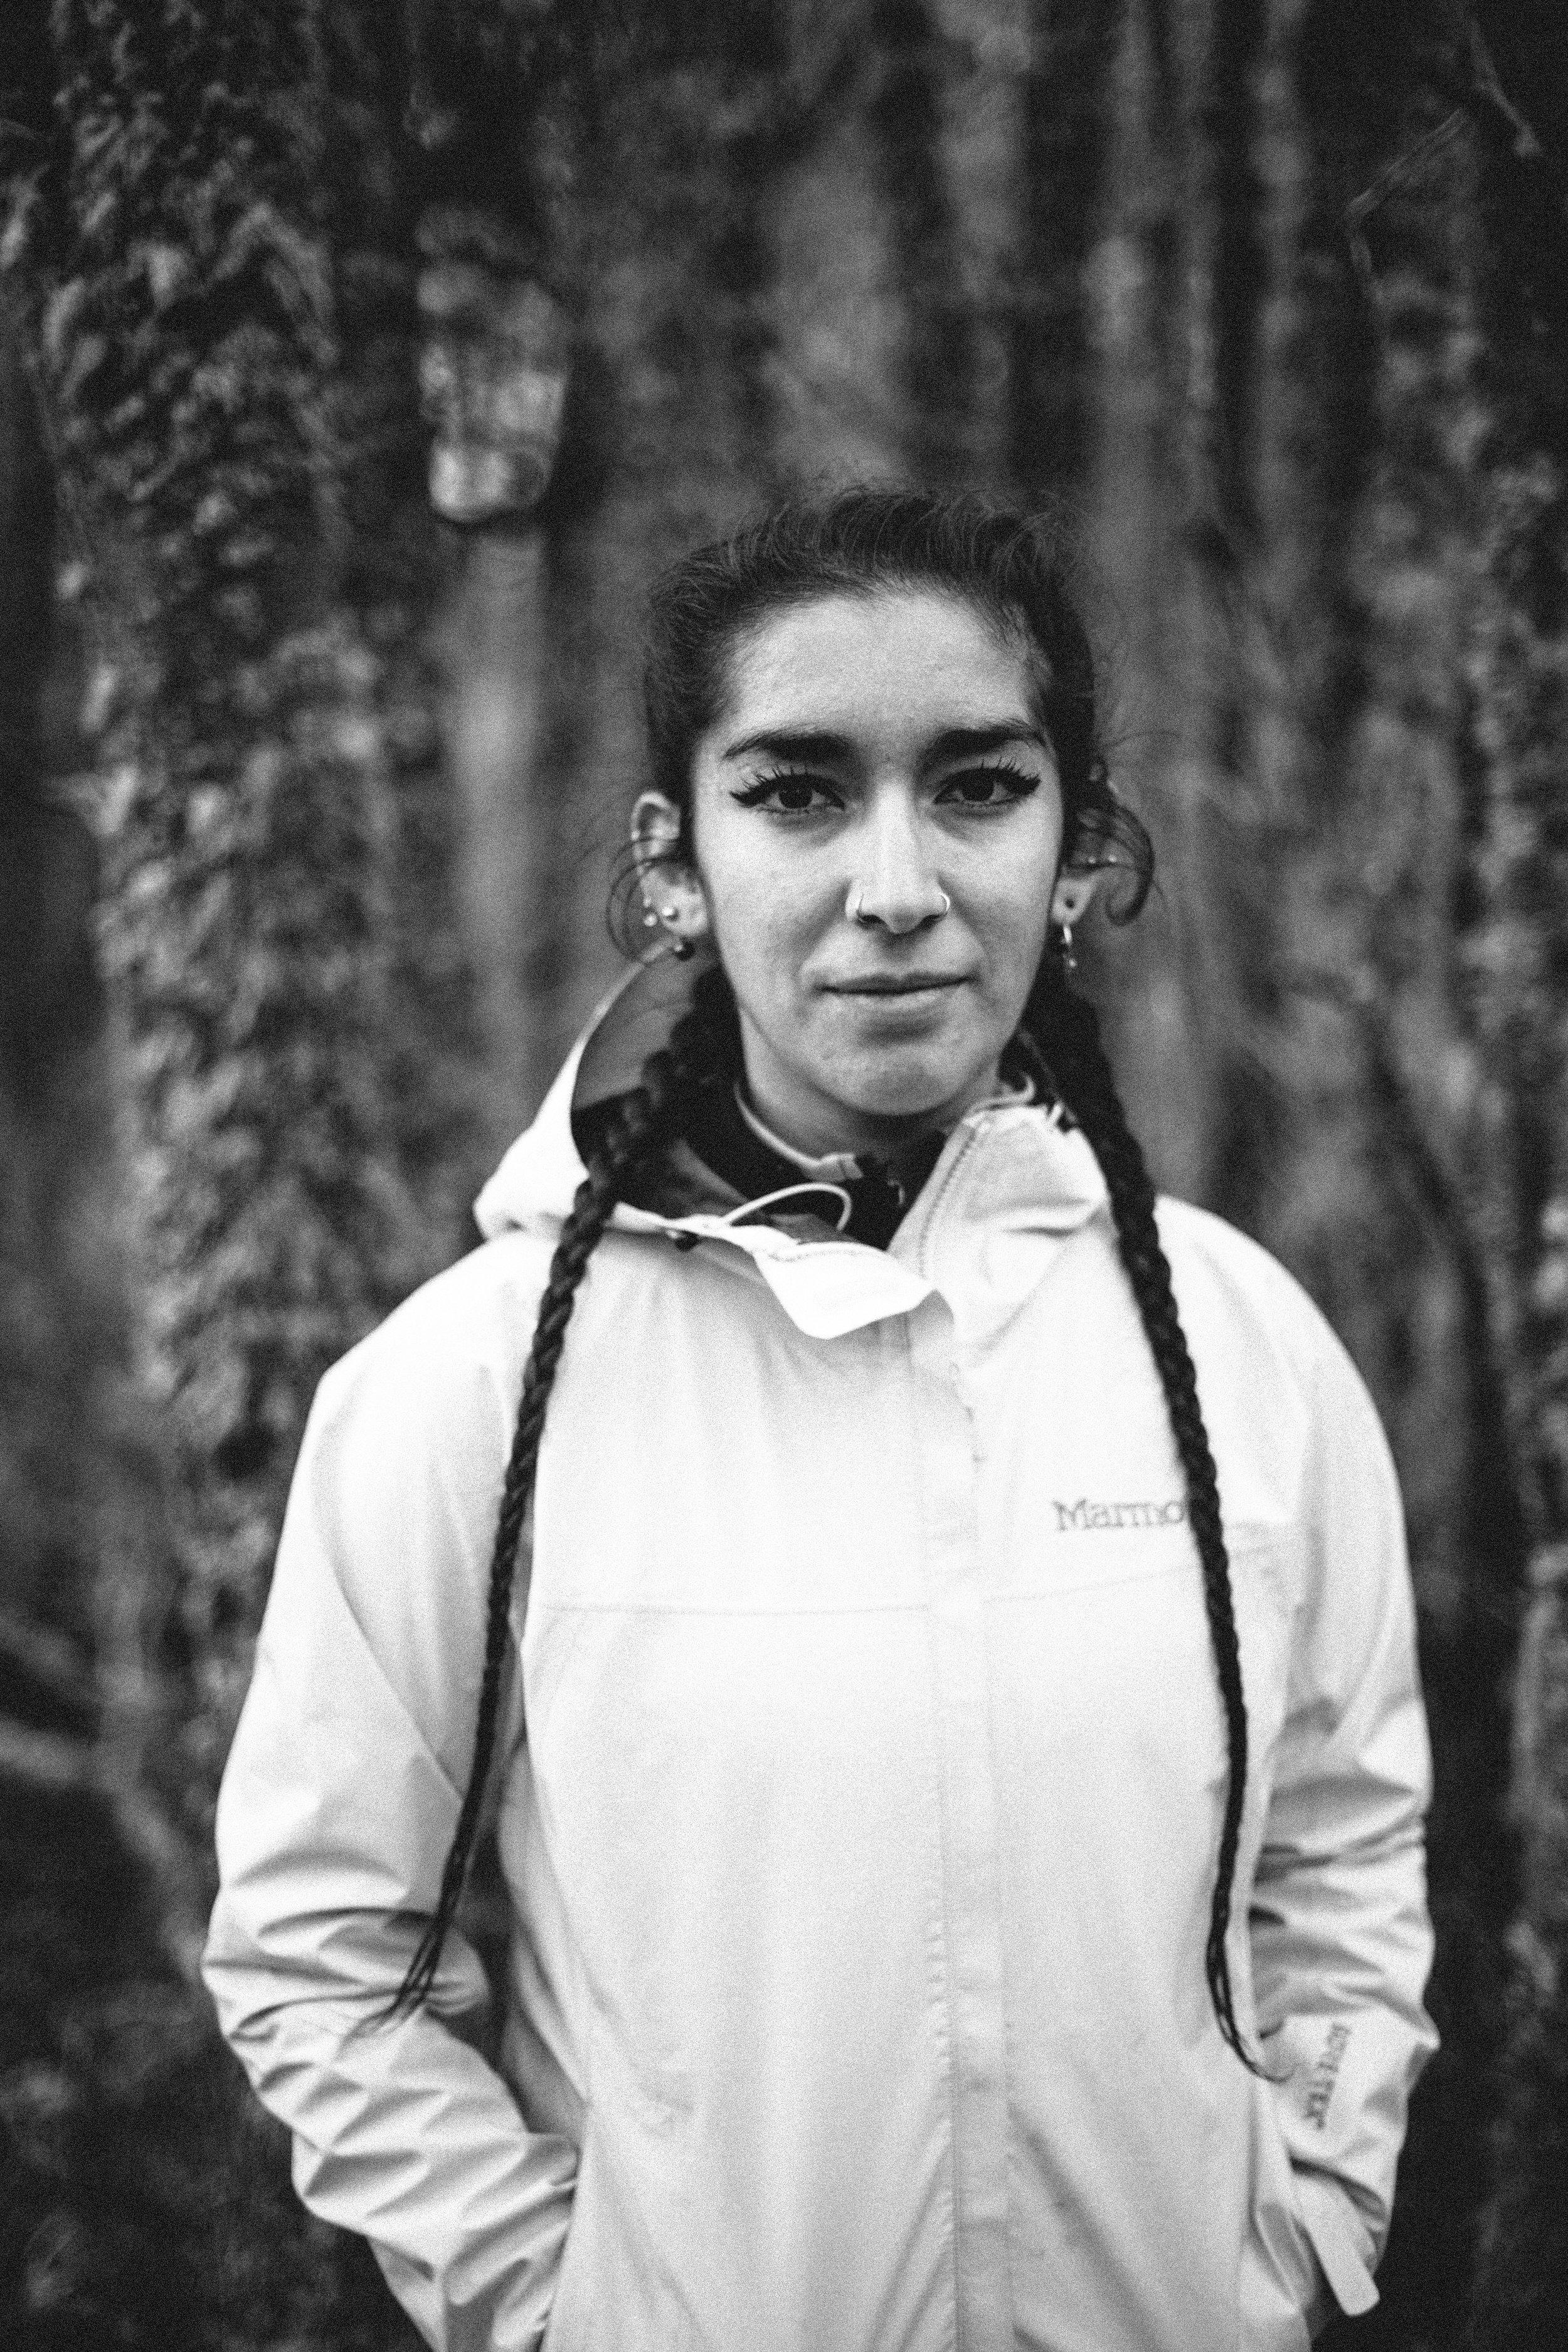 """""""Creo que existen experiencias en la vida que te hacen replantearte todo. Esta me reencanta, me enriquece y me hizo disfrutar estar viva.""""  Yanara Muñoz, Santiago"""